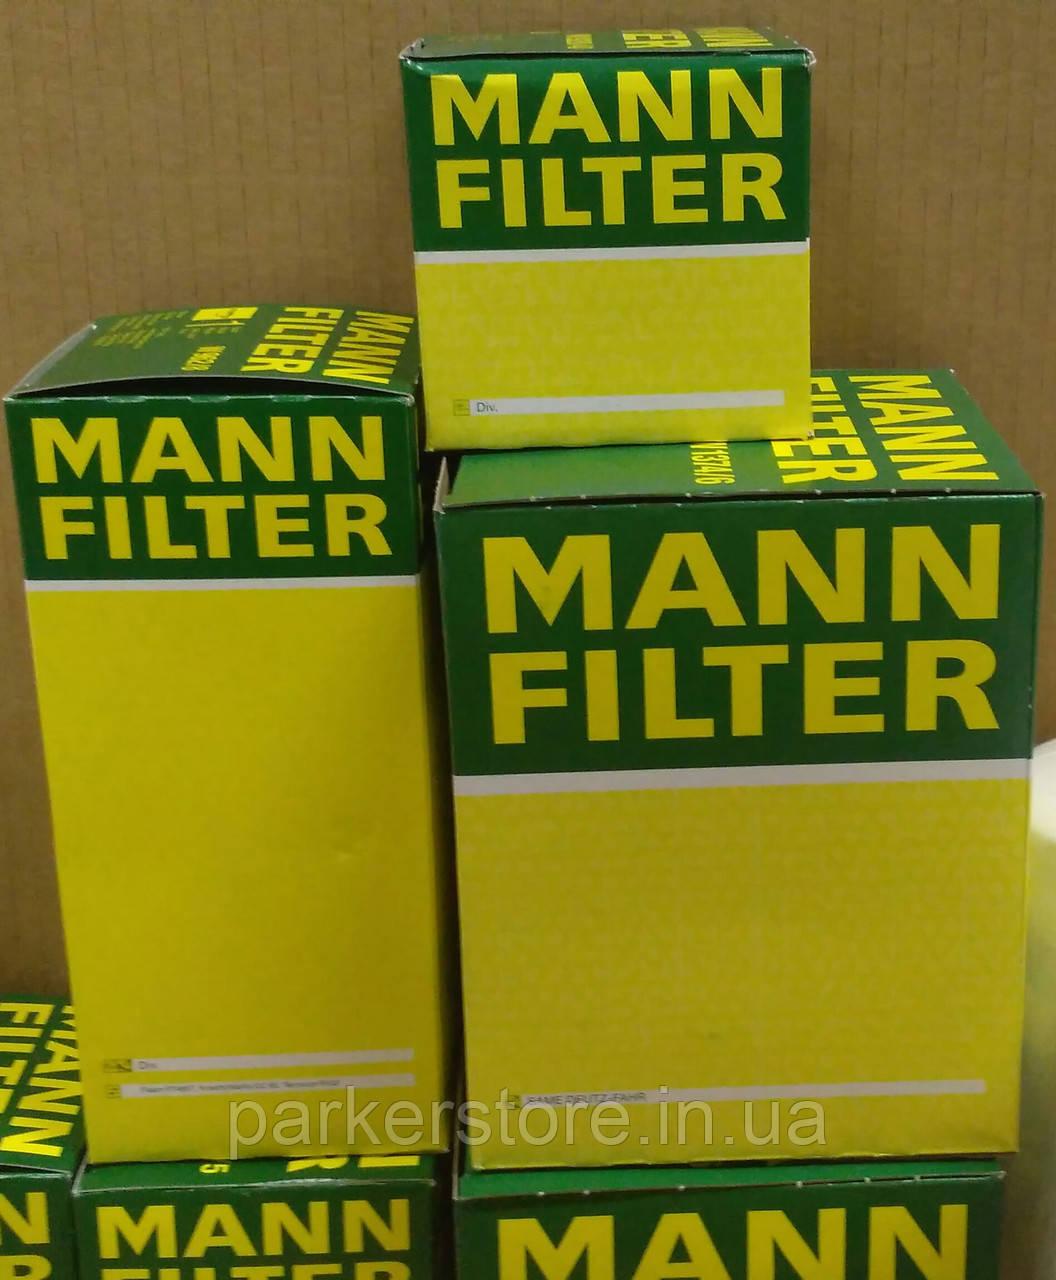 MANN FILTER / Воздушный фильтр / C 31 / C31